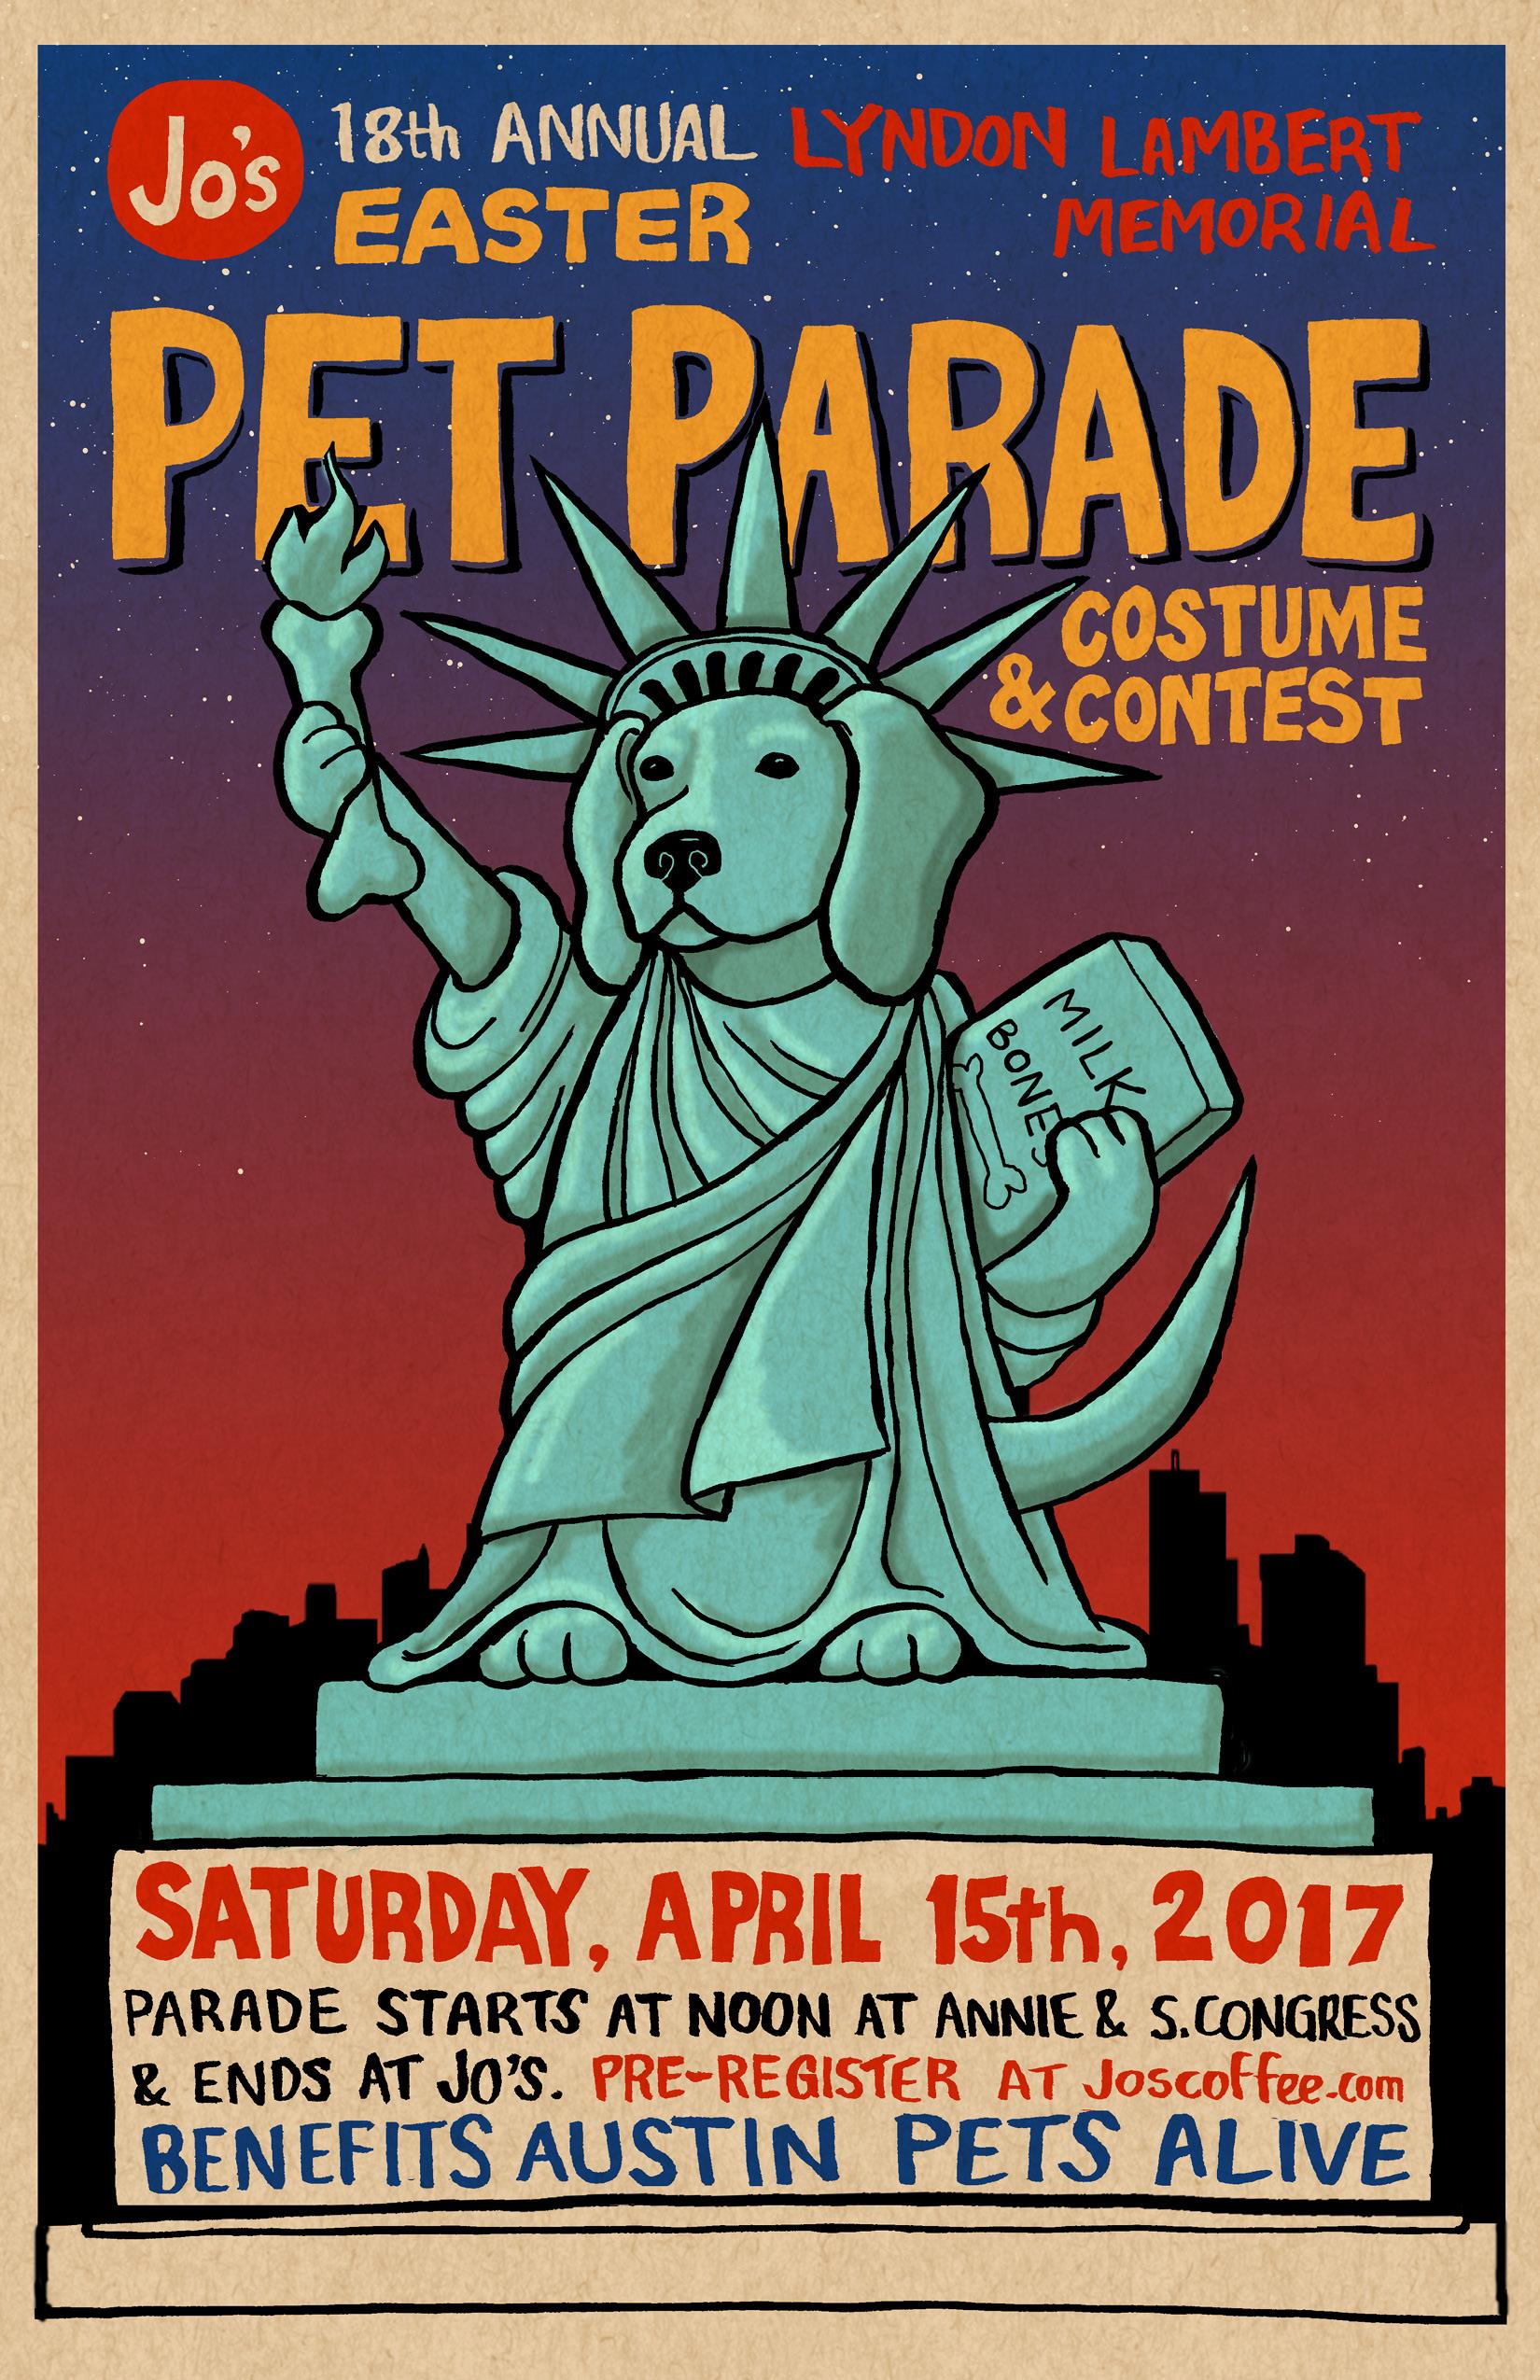 Pet-parade-2017-11x17-1.jpg